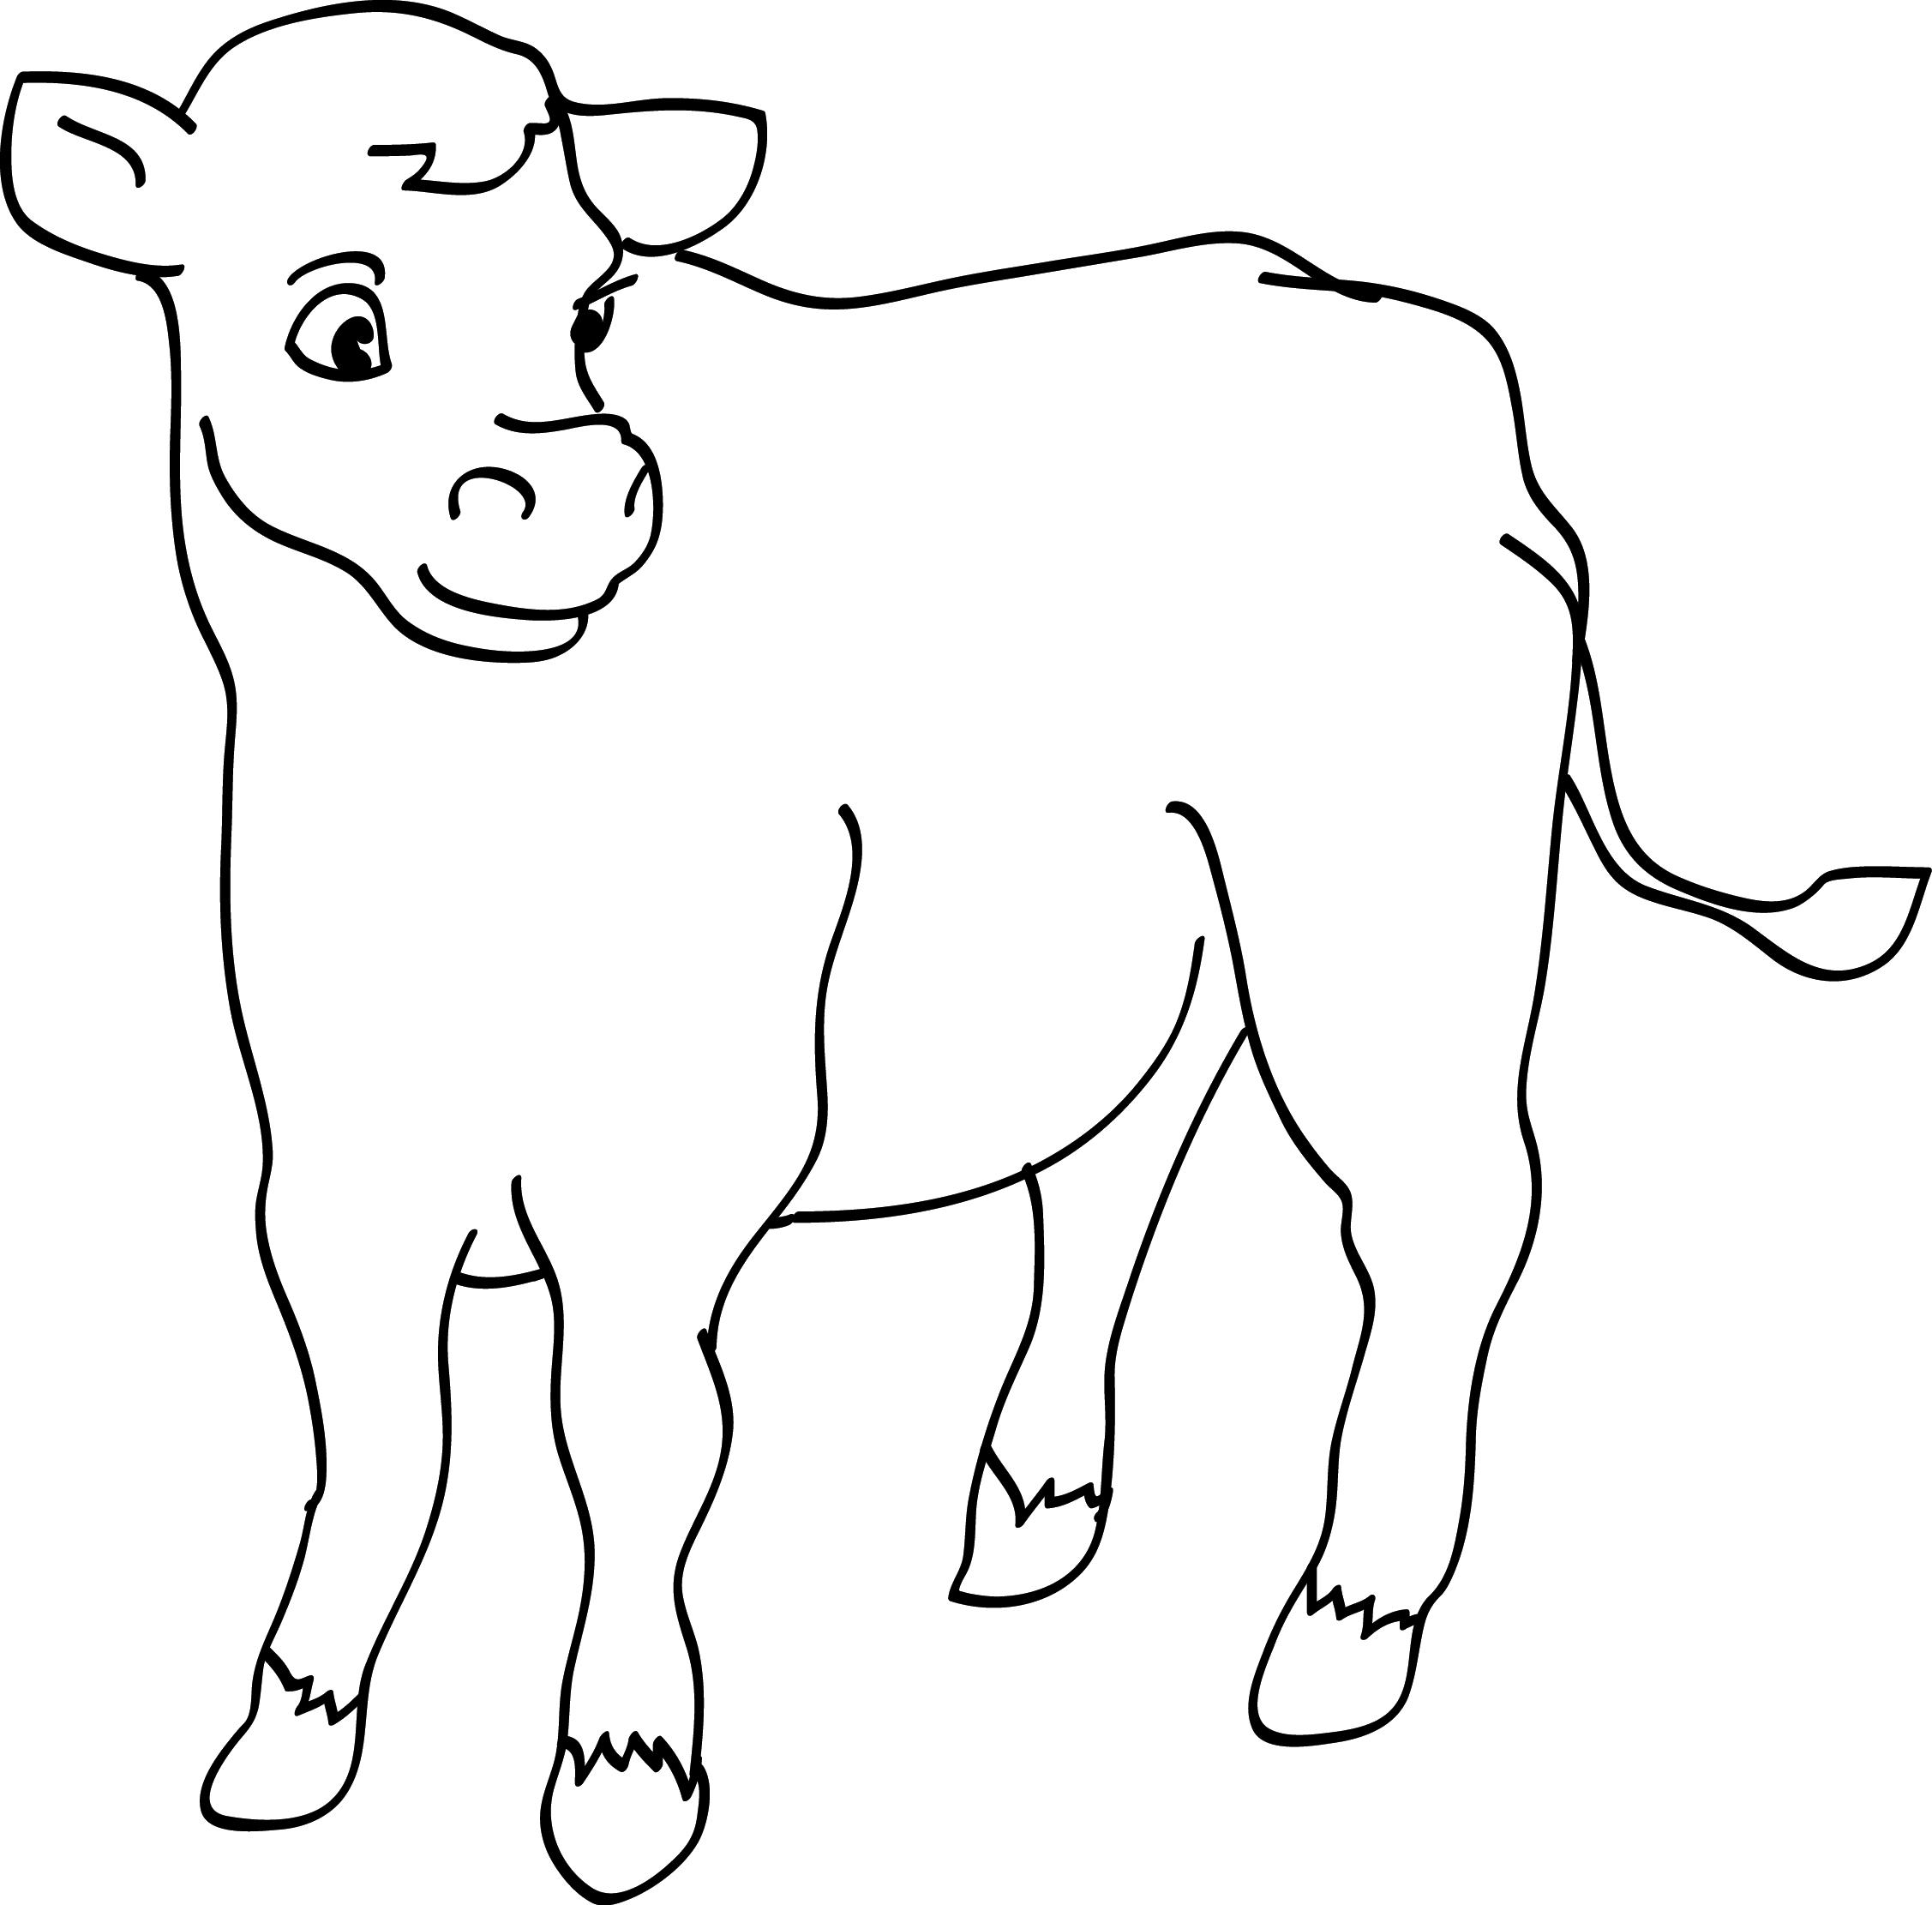 bildergebnis für ausmalbilder bauernhoftiere kuh